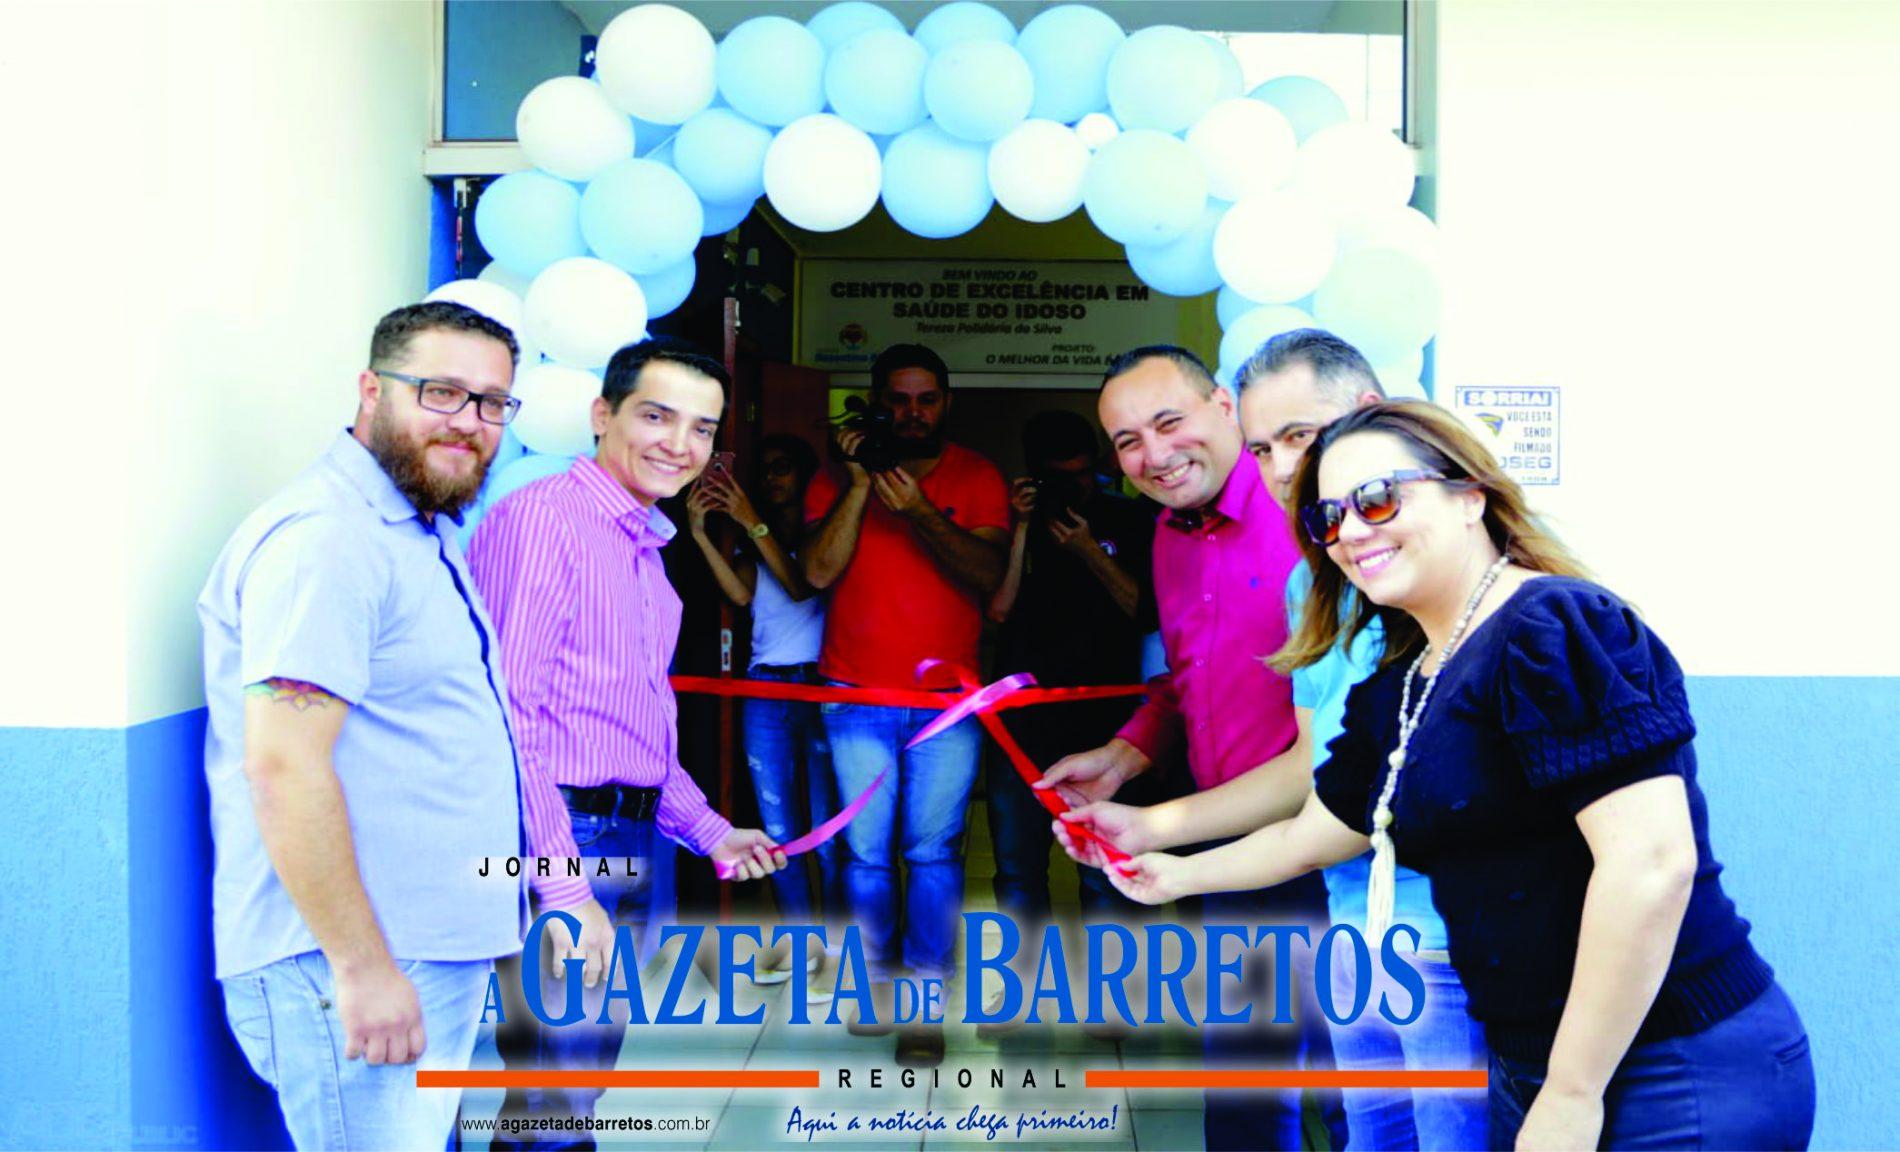 BARRETOS: Instituto Rosentino Bispo moderniza instalações da sede no Nova Barretos e homenageia Solange Lana de Ávila